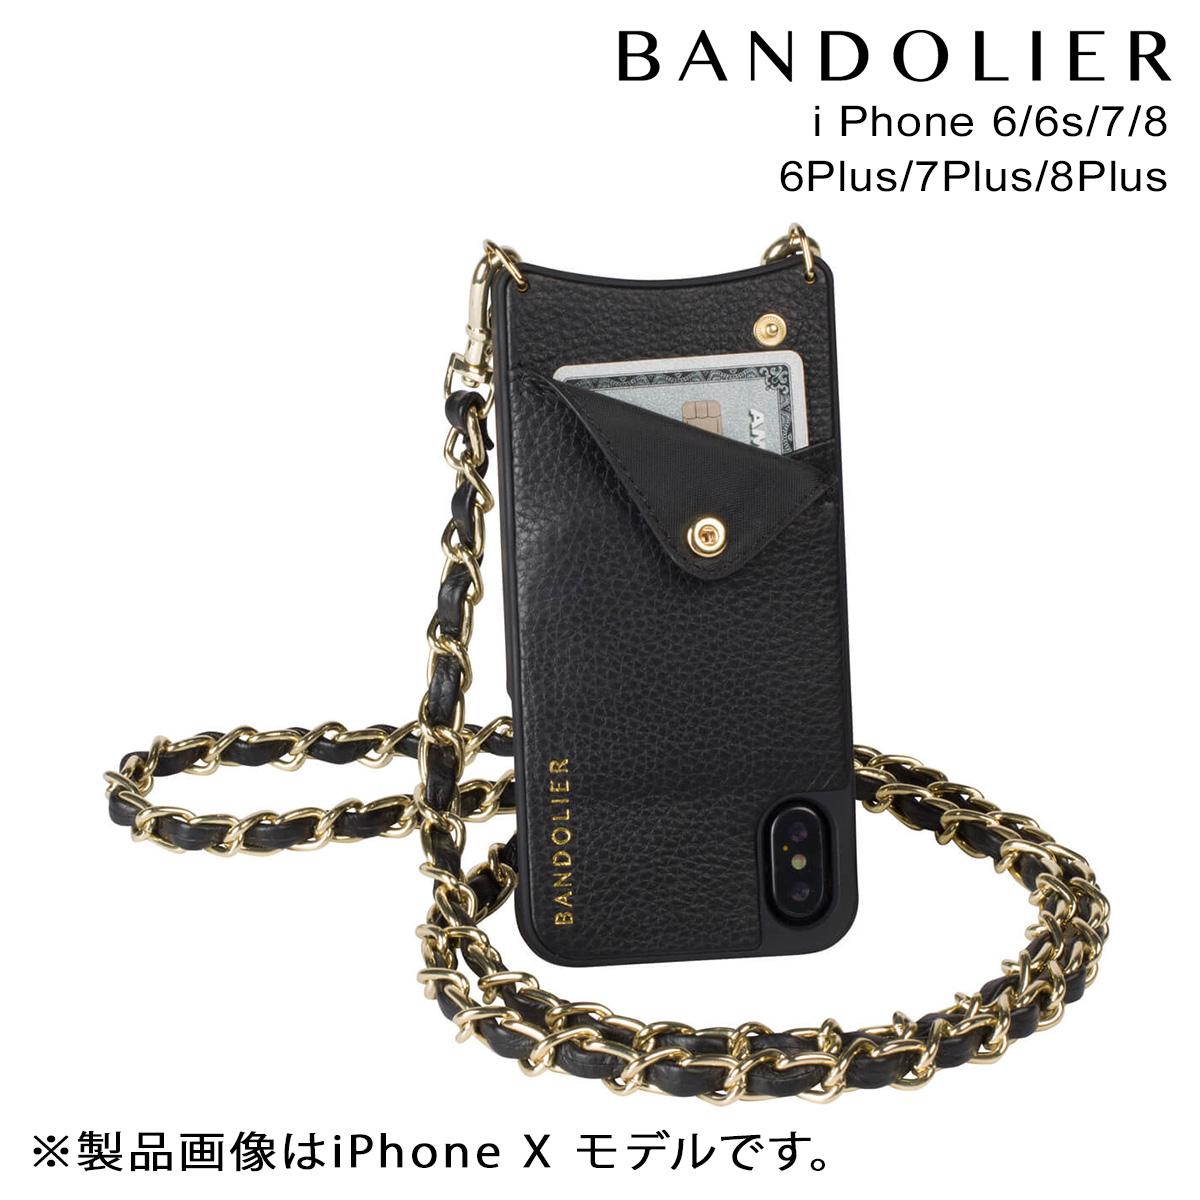 BANDOLIER バンドリヤー iPhone8 iPhone7 7Plus 6s ケース スマホ アイフォン プラス LUCY GOLD メンズ レディース